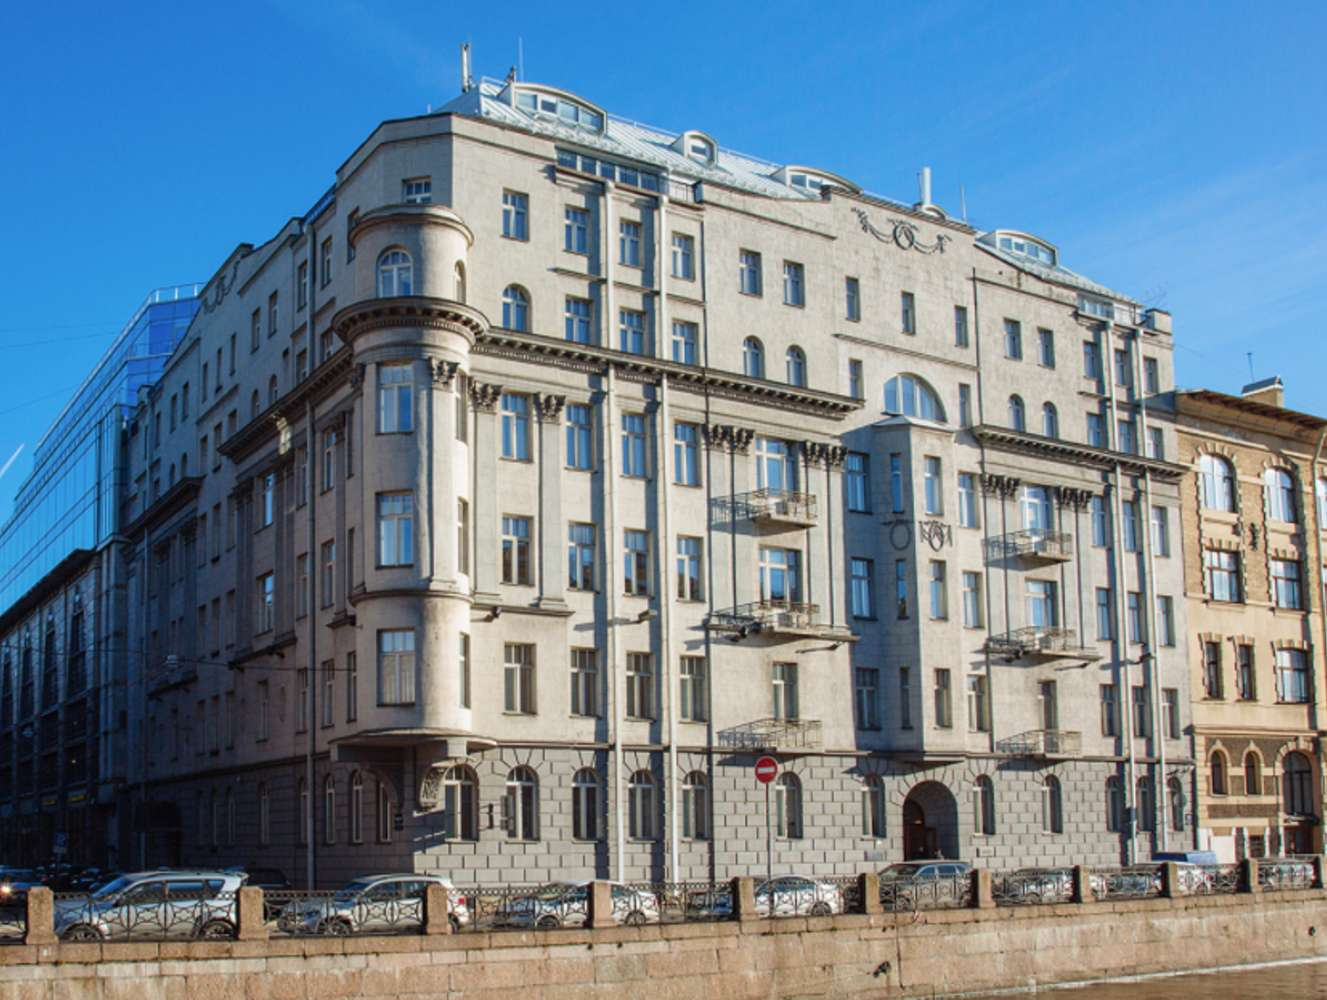 Офисная недвижимость Санкт-петербург, 191186 - Сенатор (наб. р. Мойки, 36, корпус А)